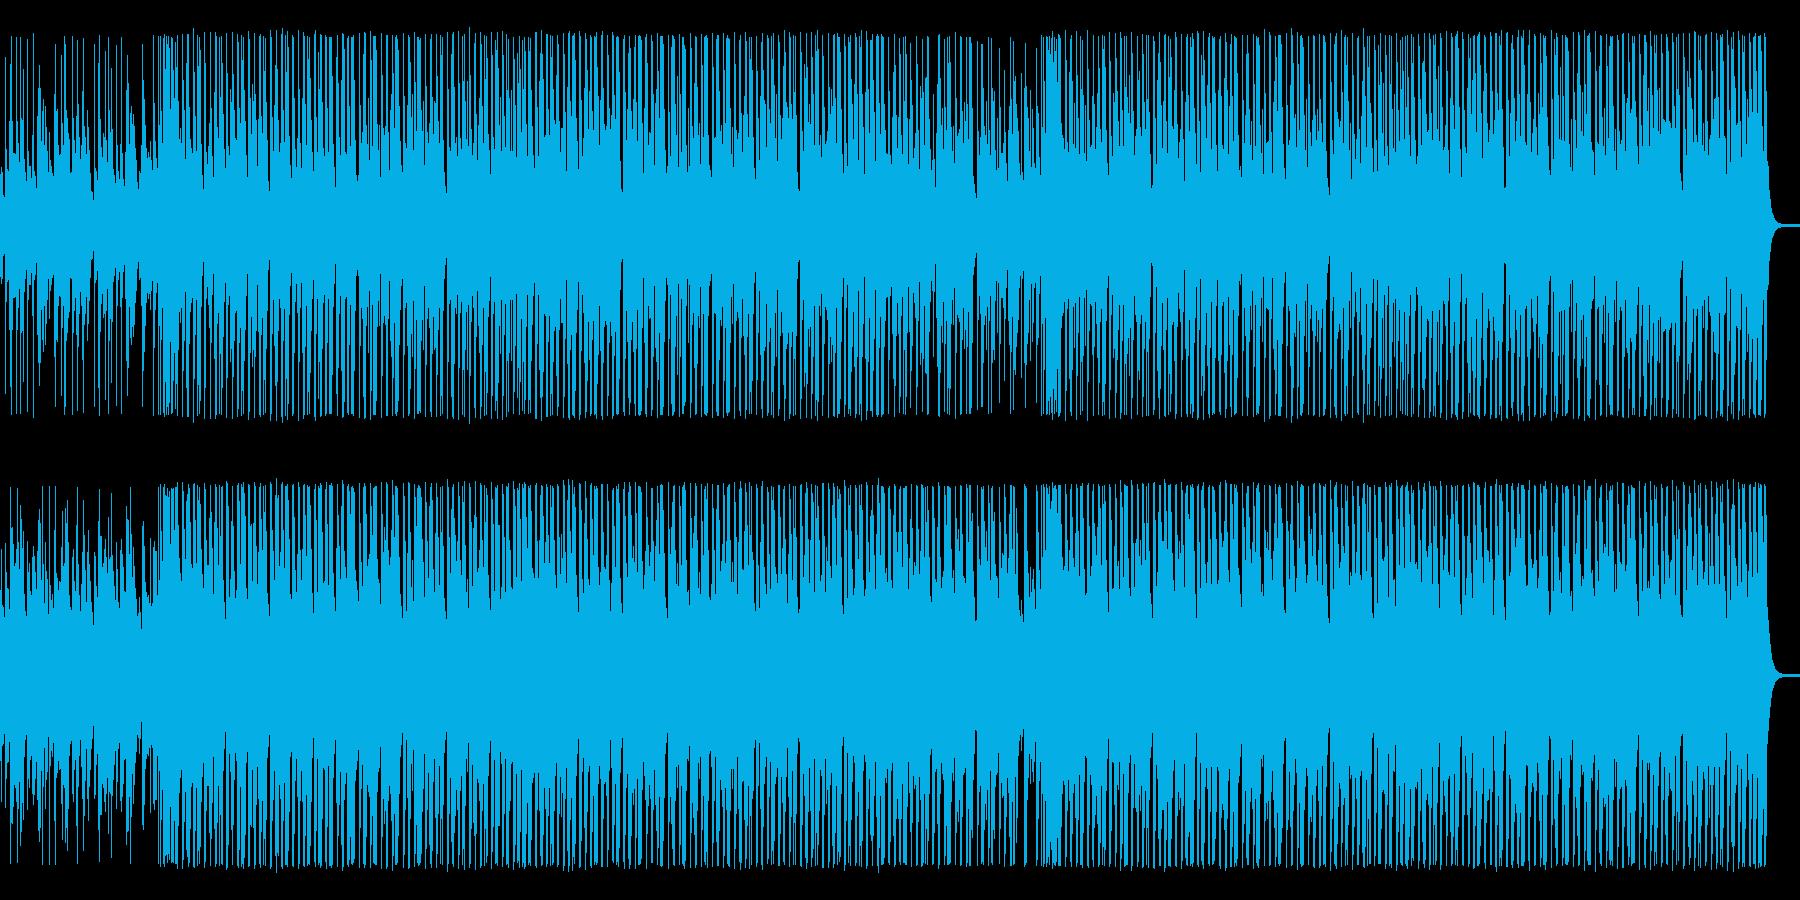 【ベース抜き】軽快な木琴とウクレレの再生済みの波形